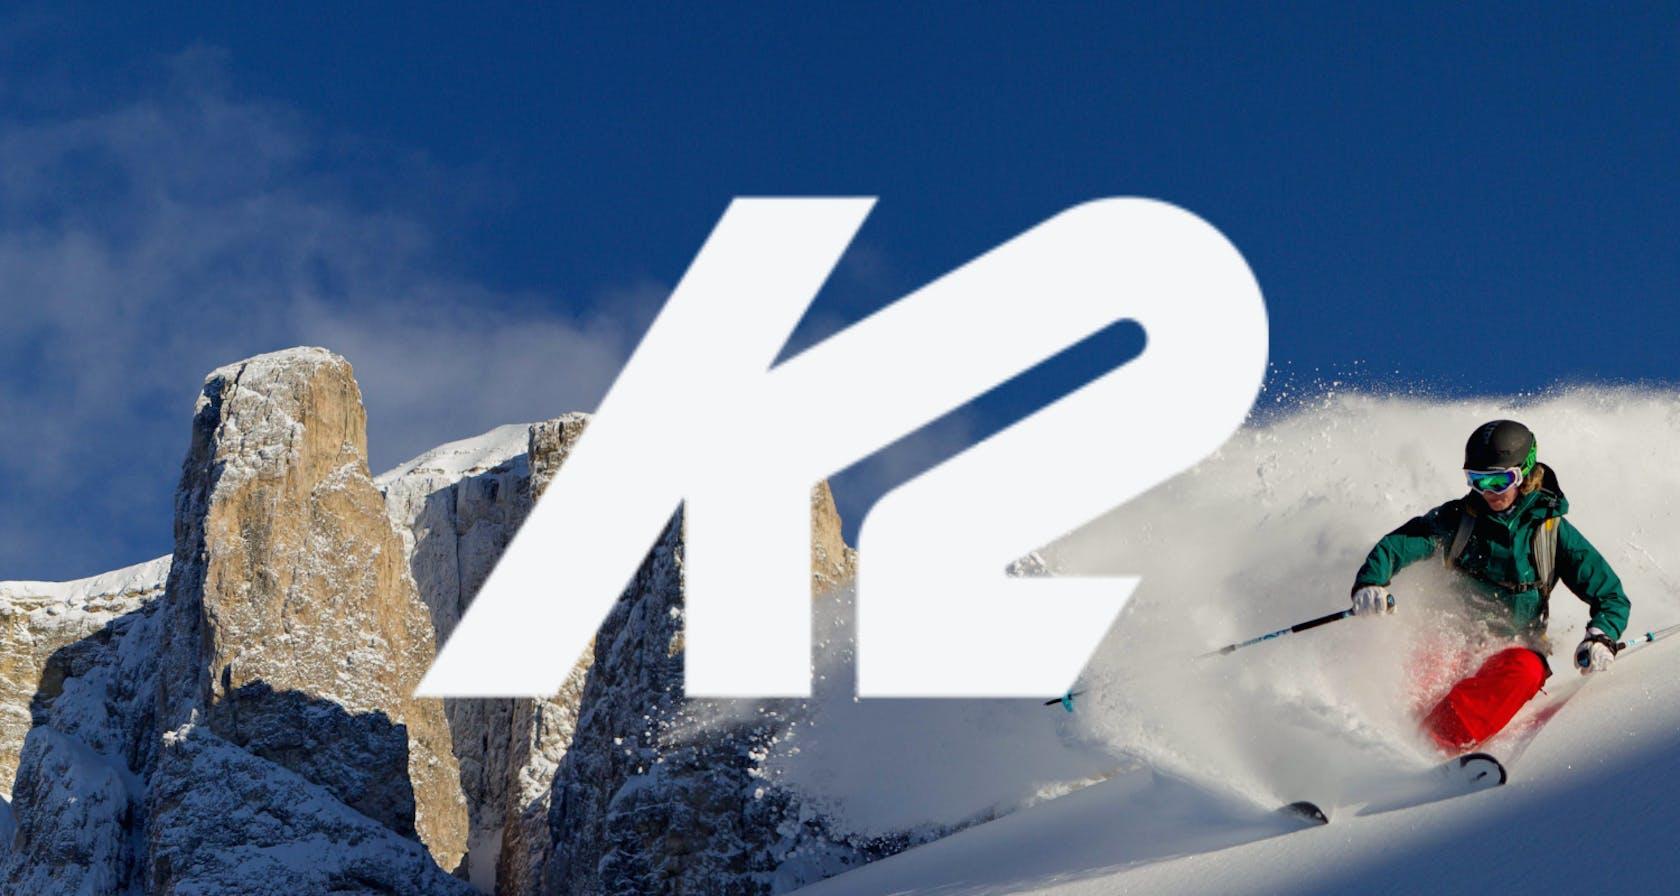 neue kollektion skitouren k2